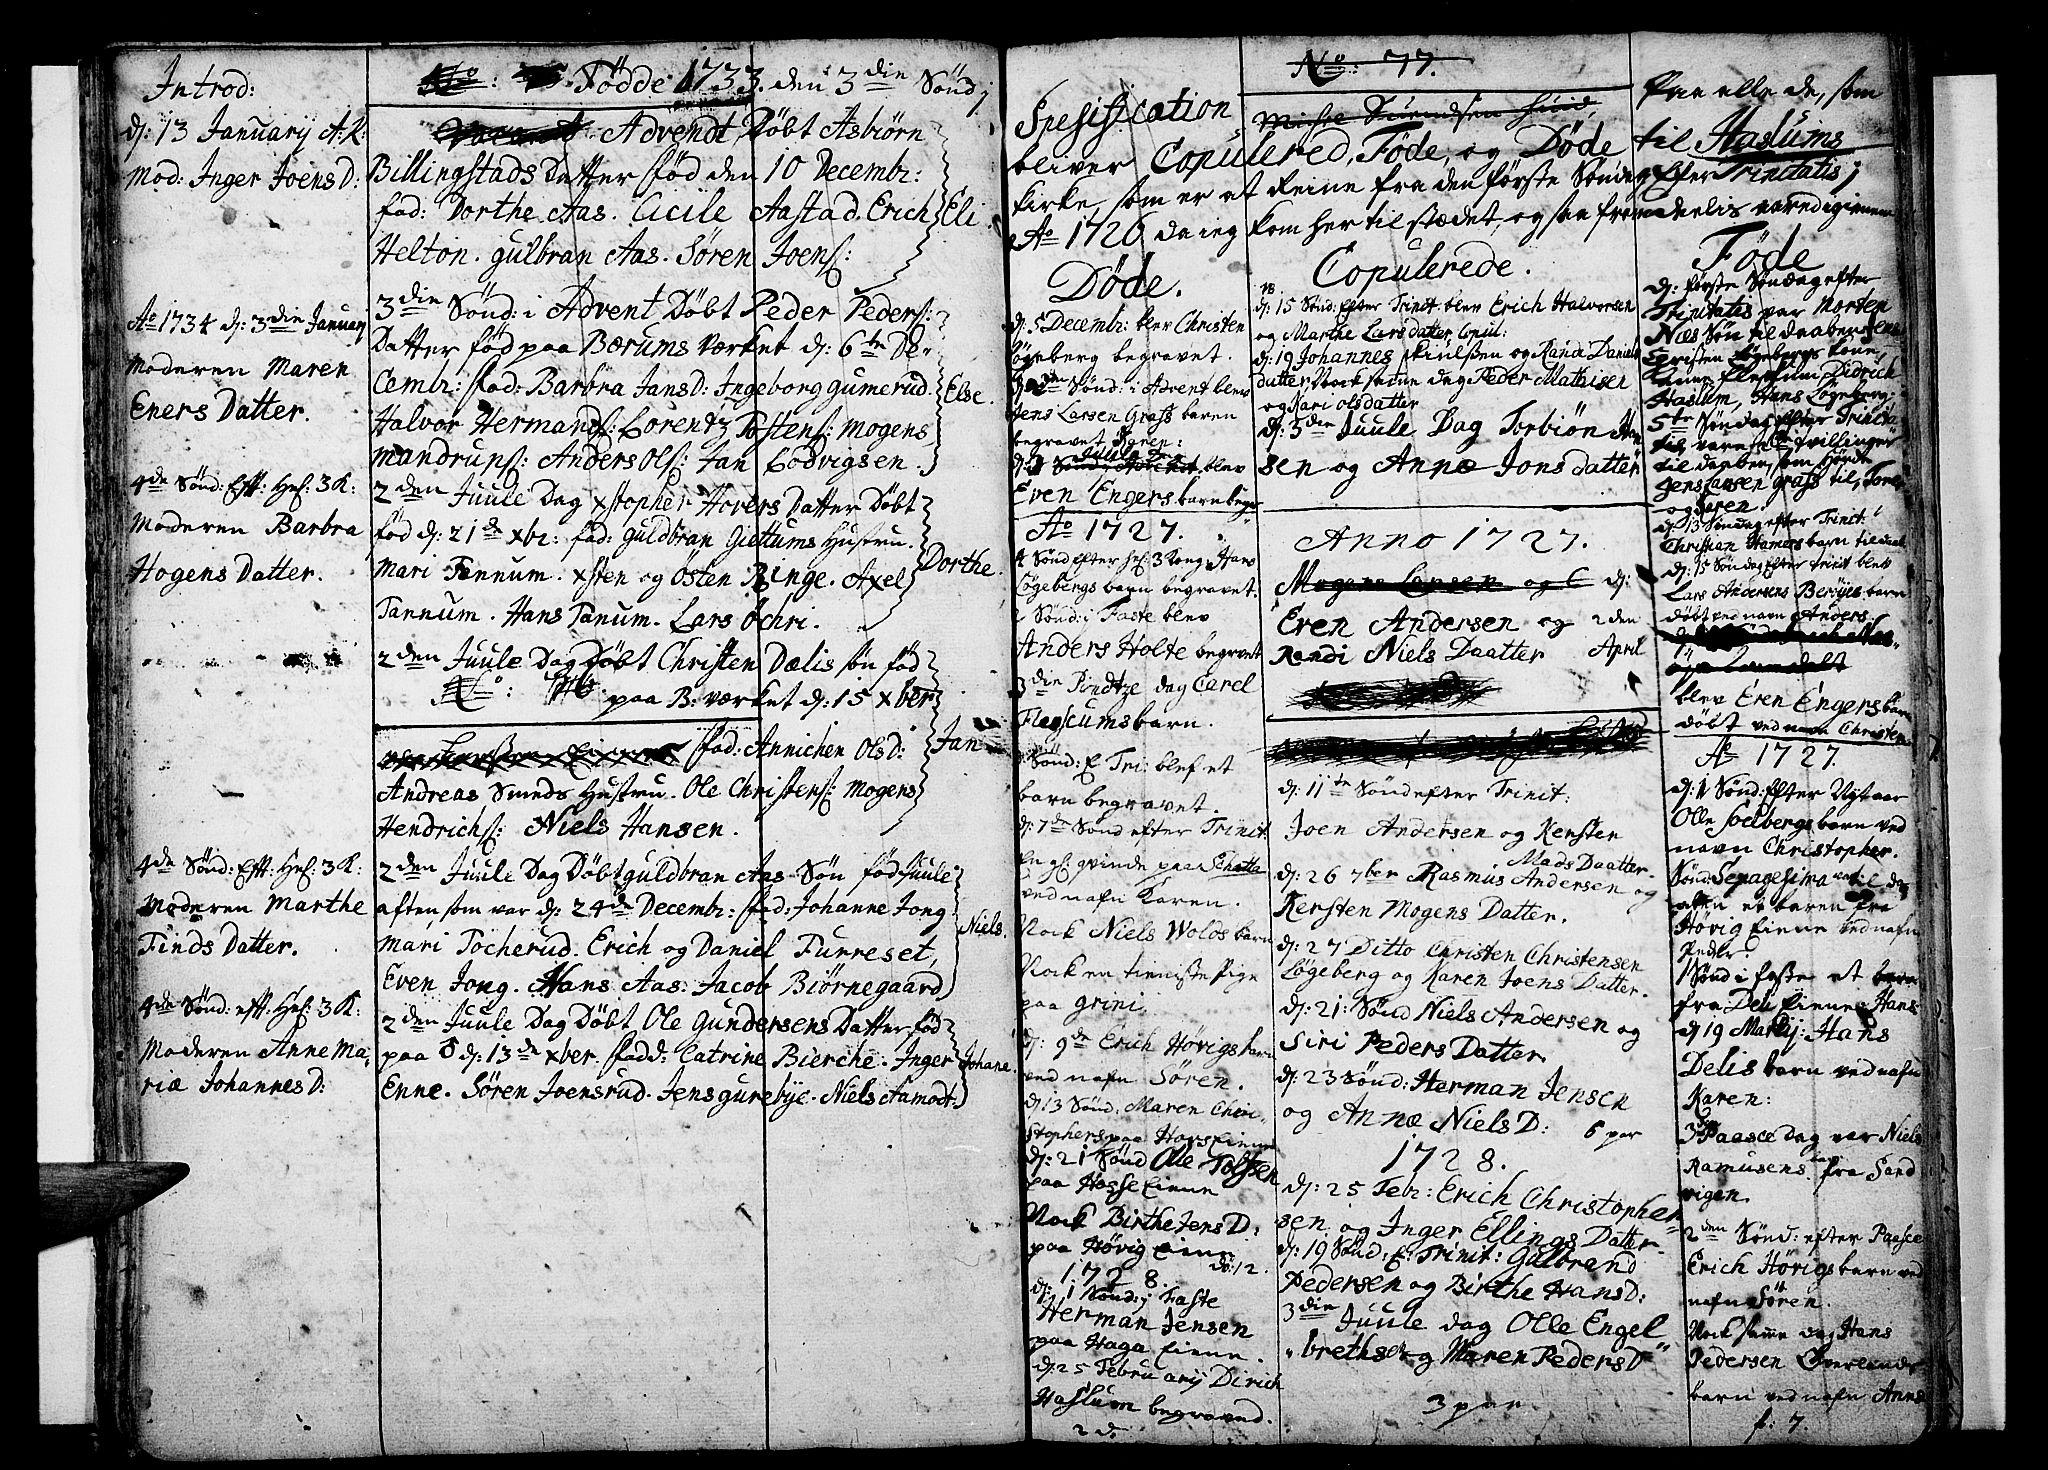 SAO, Asker prestekontor Kirkebøker, F/Fa/L0001: Ministerialbok nr. I 1, 1726-1744, s. 22